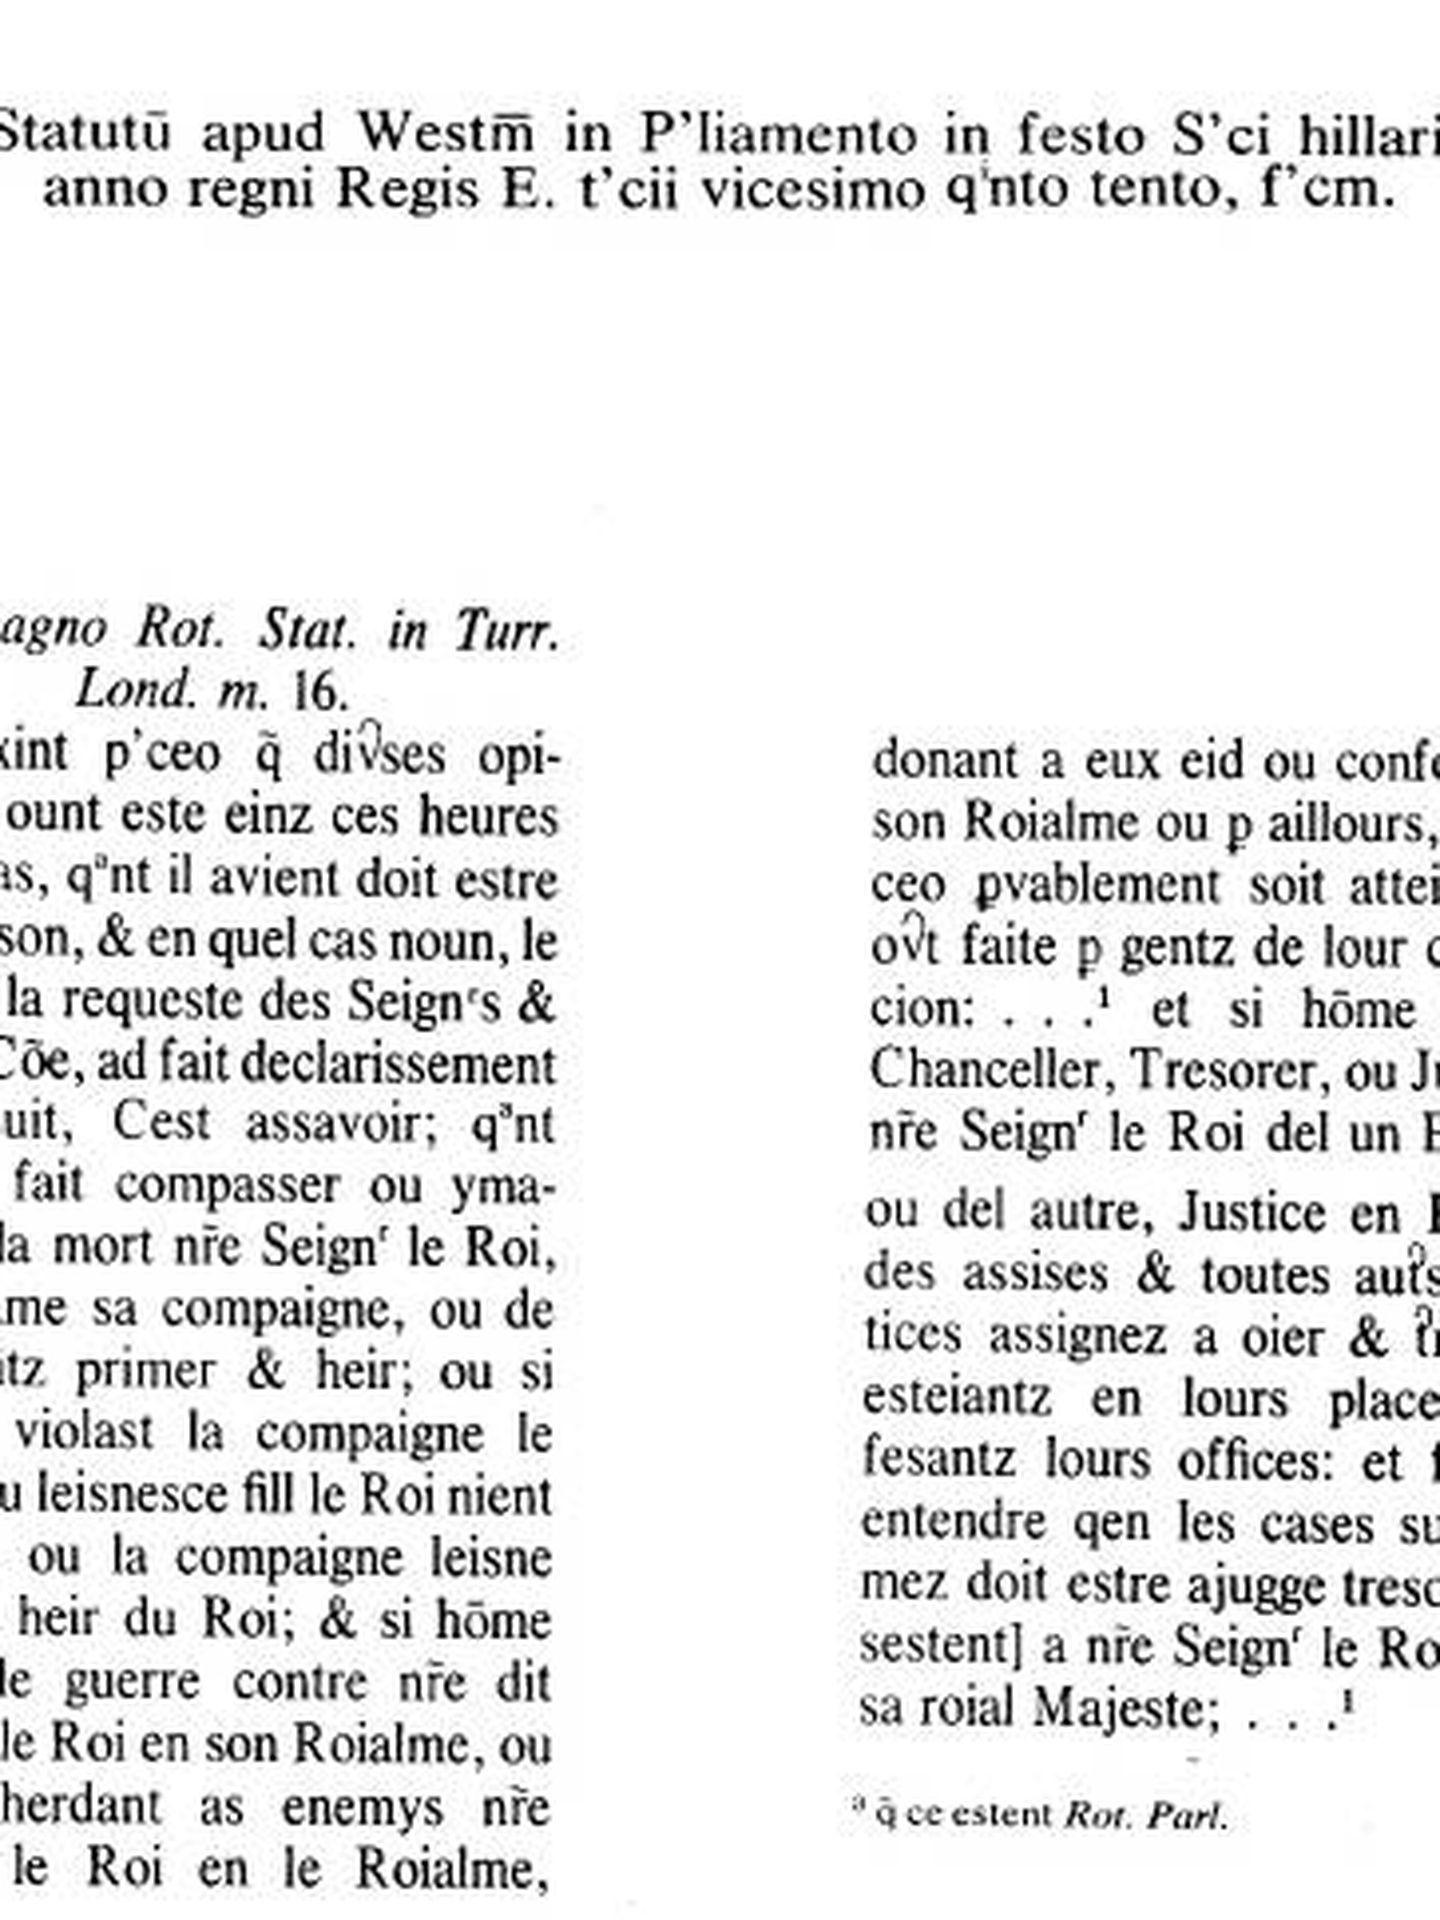 El estatuto original, en francés normando.